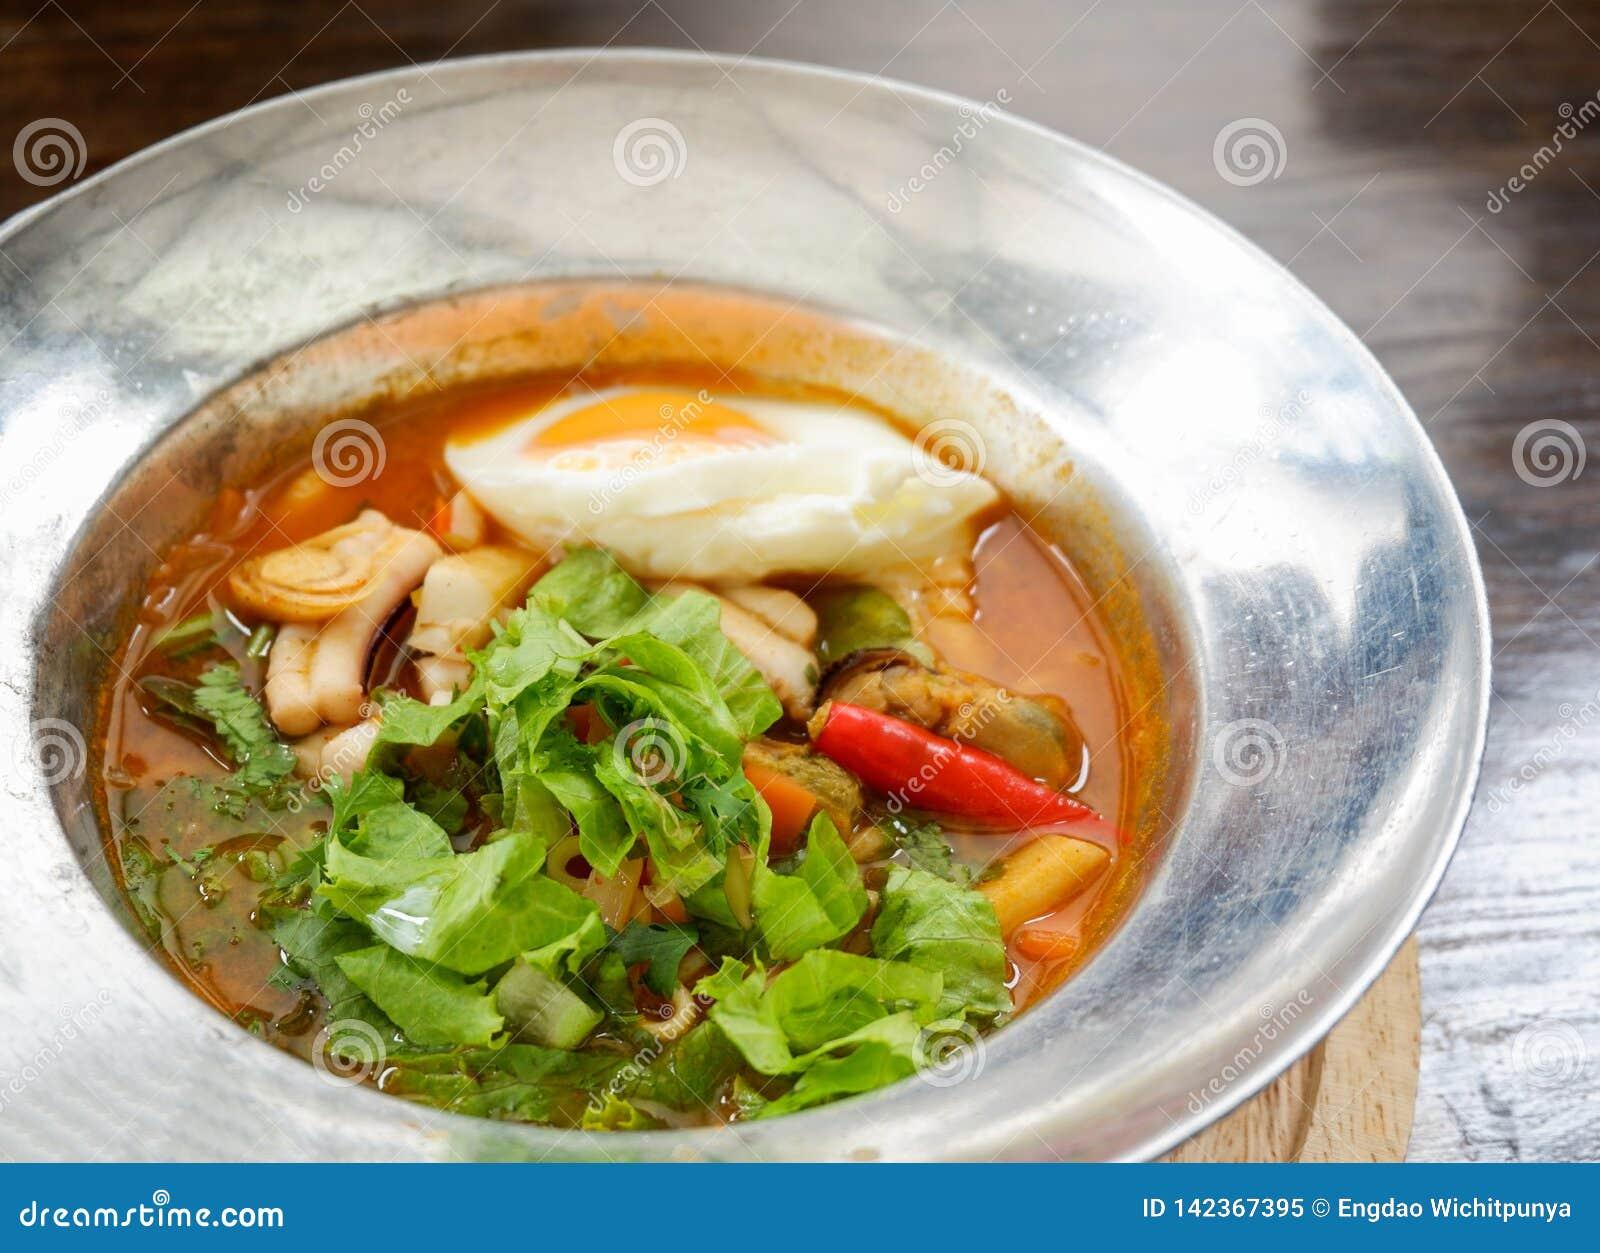 Sur soppa med den havs- räkatioarmade bläckfisken